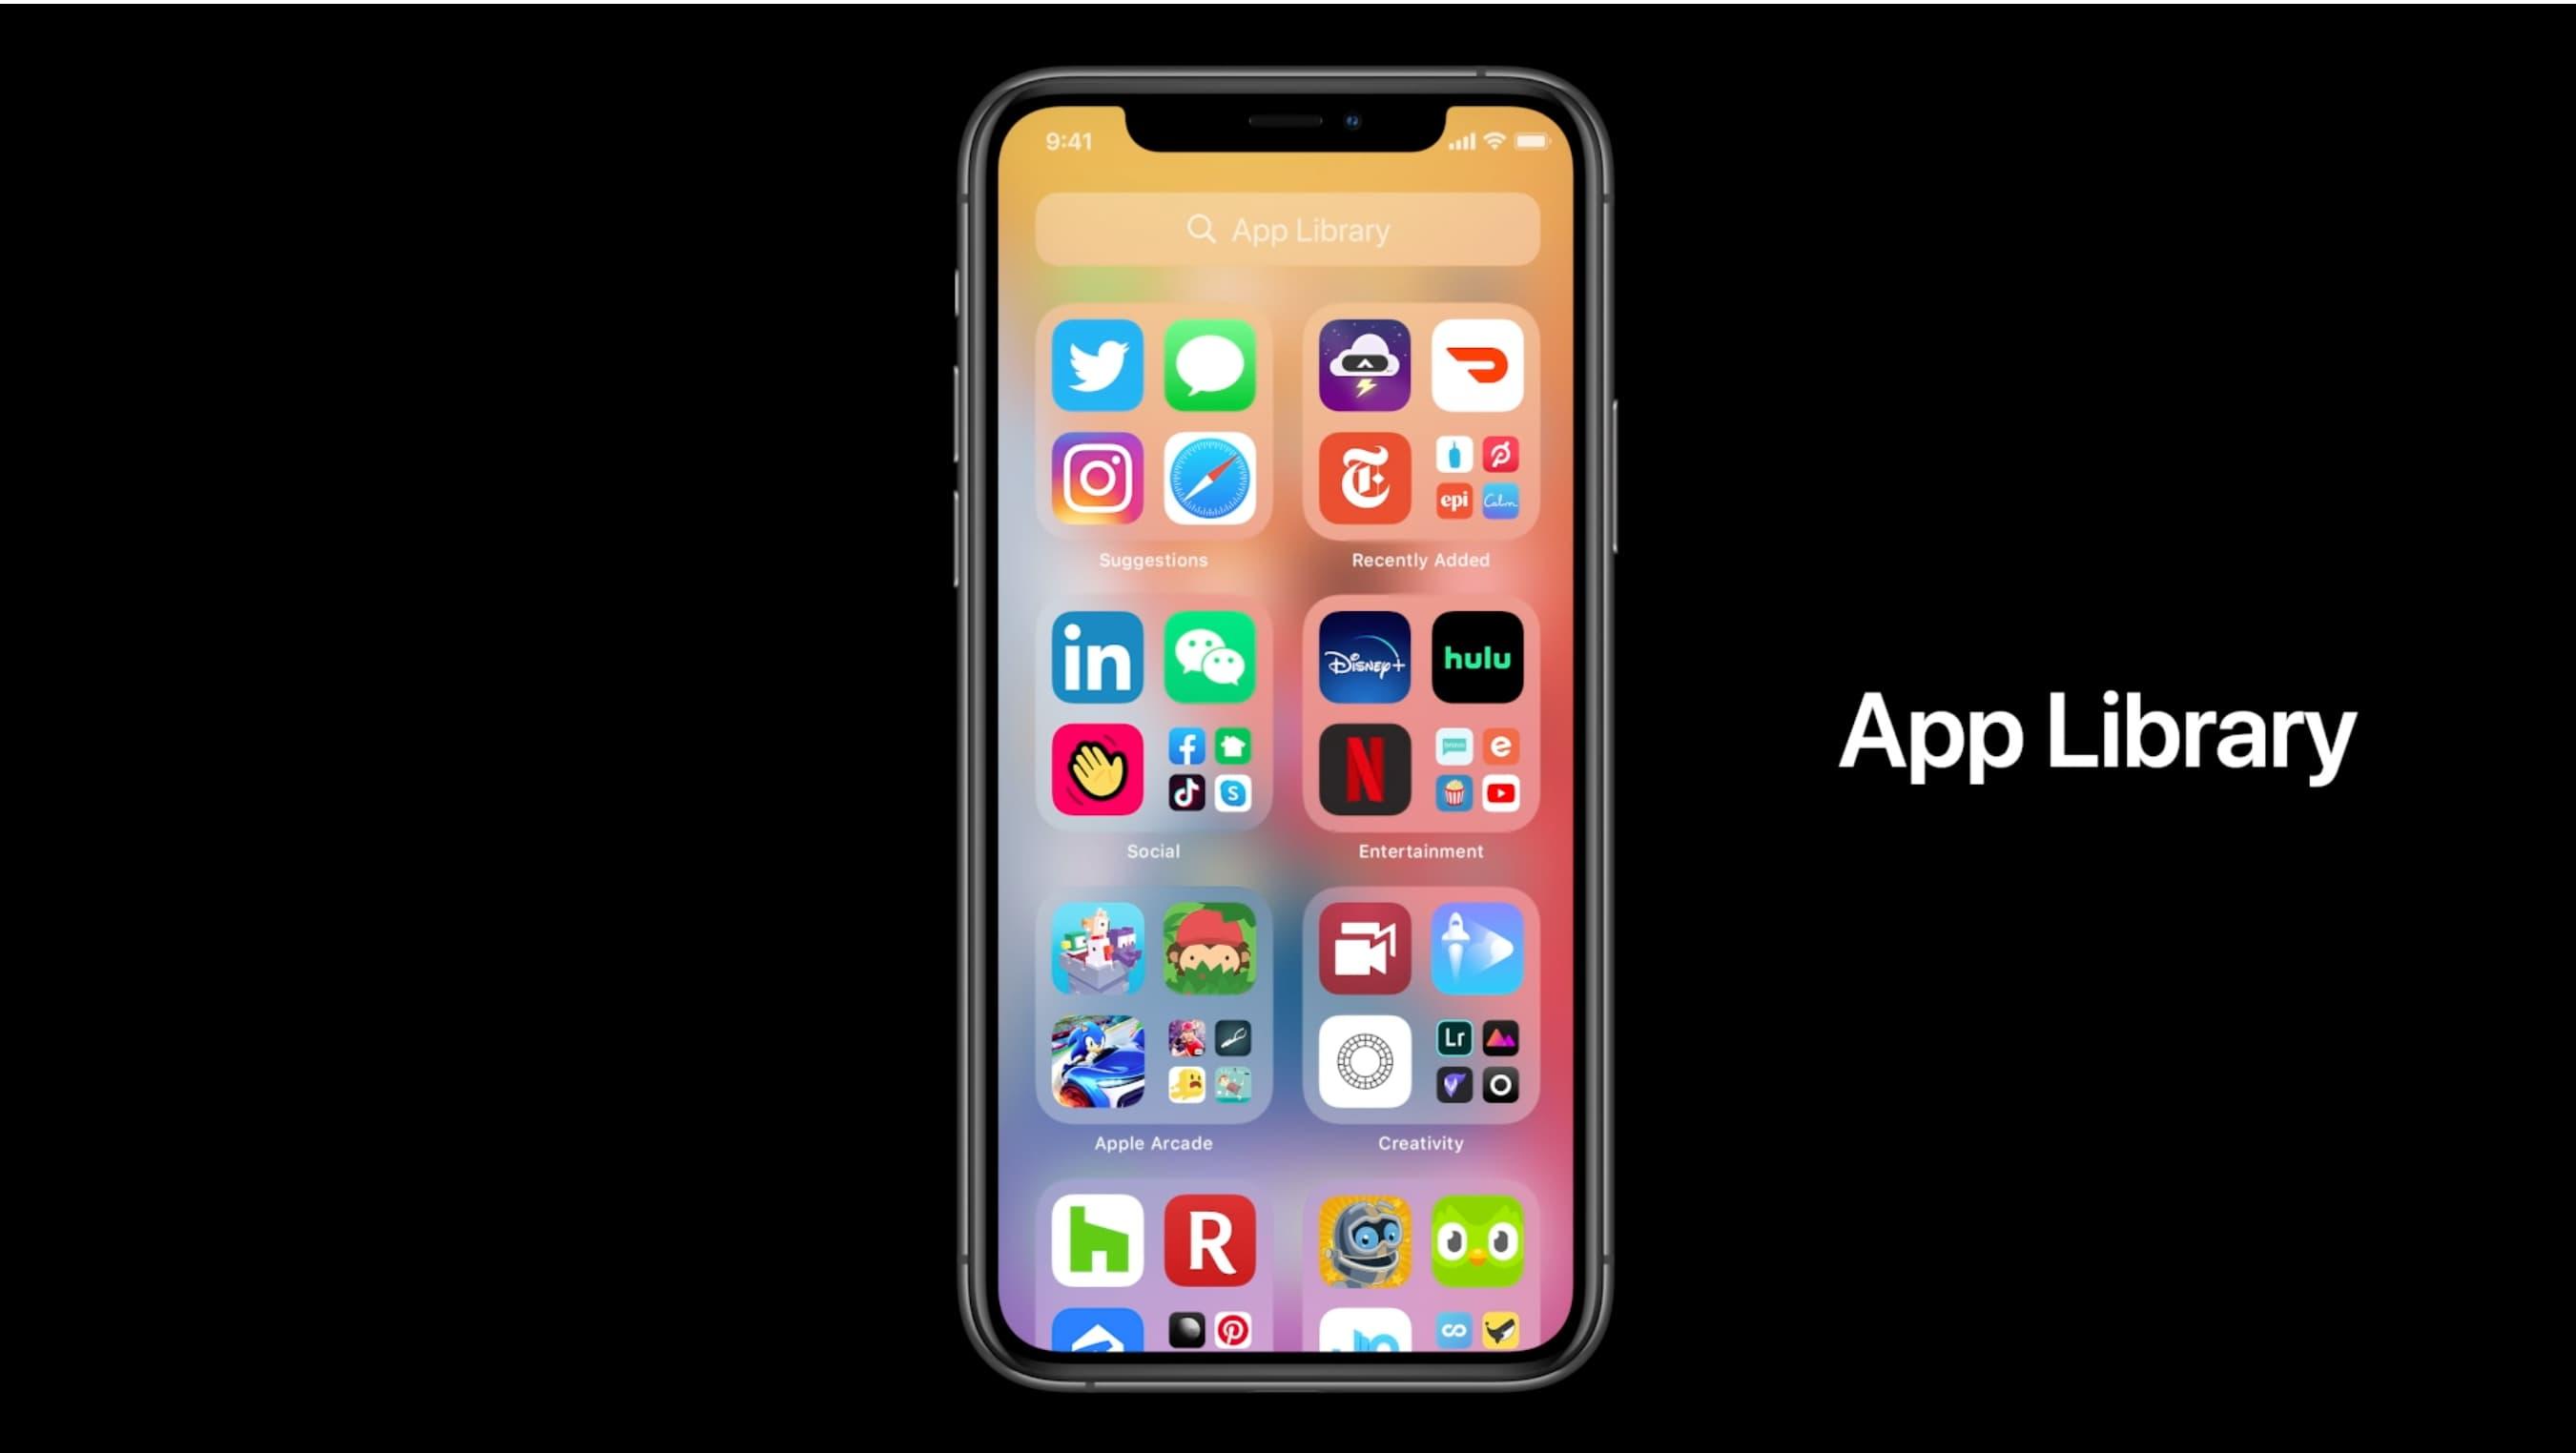 Preuzimanje aplikacija za iPhone - uvodni dijapozitiv u knjižnicu aplikacija WWDC 2020